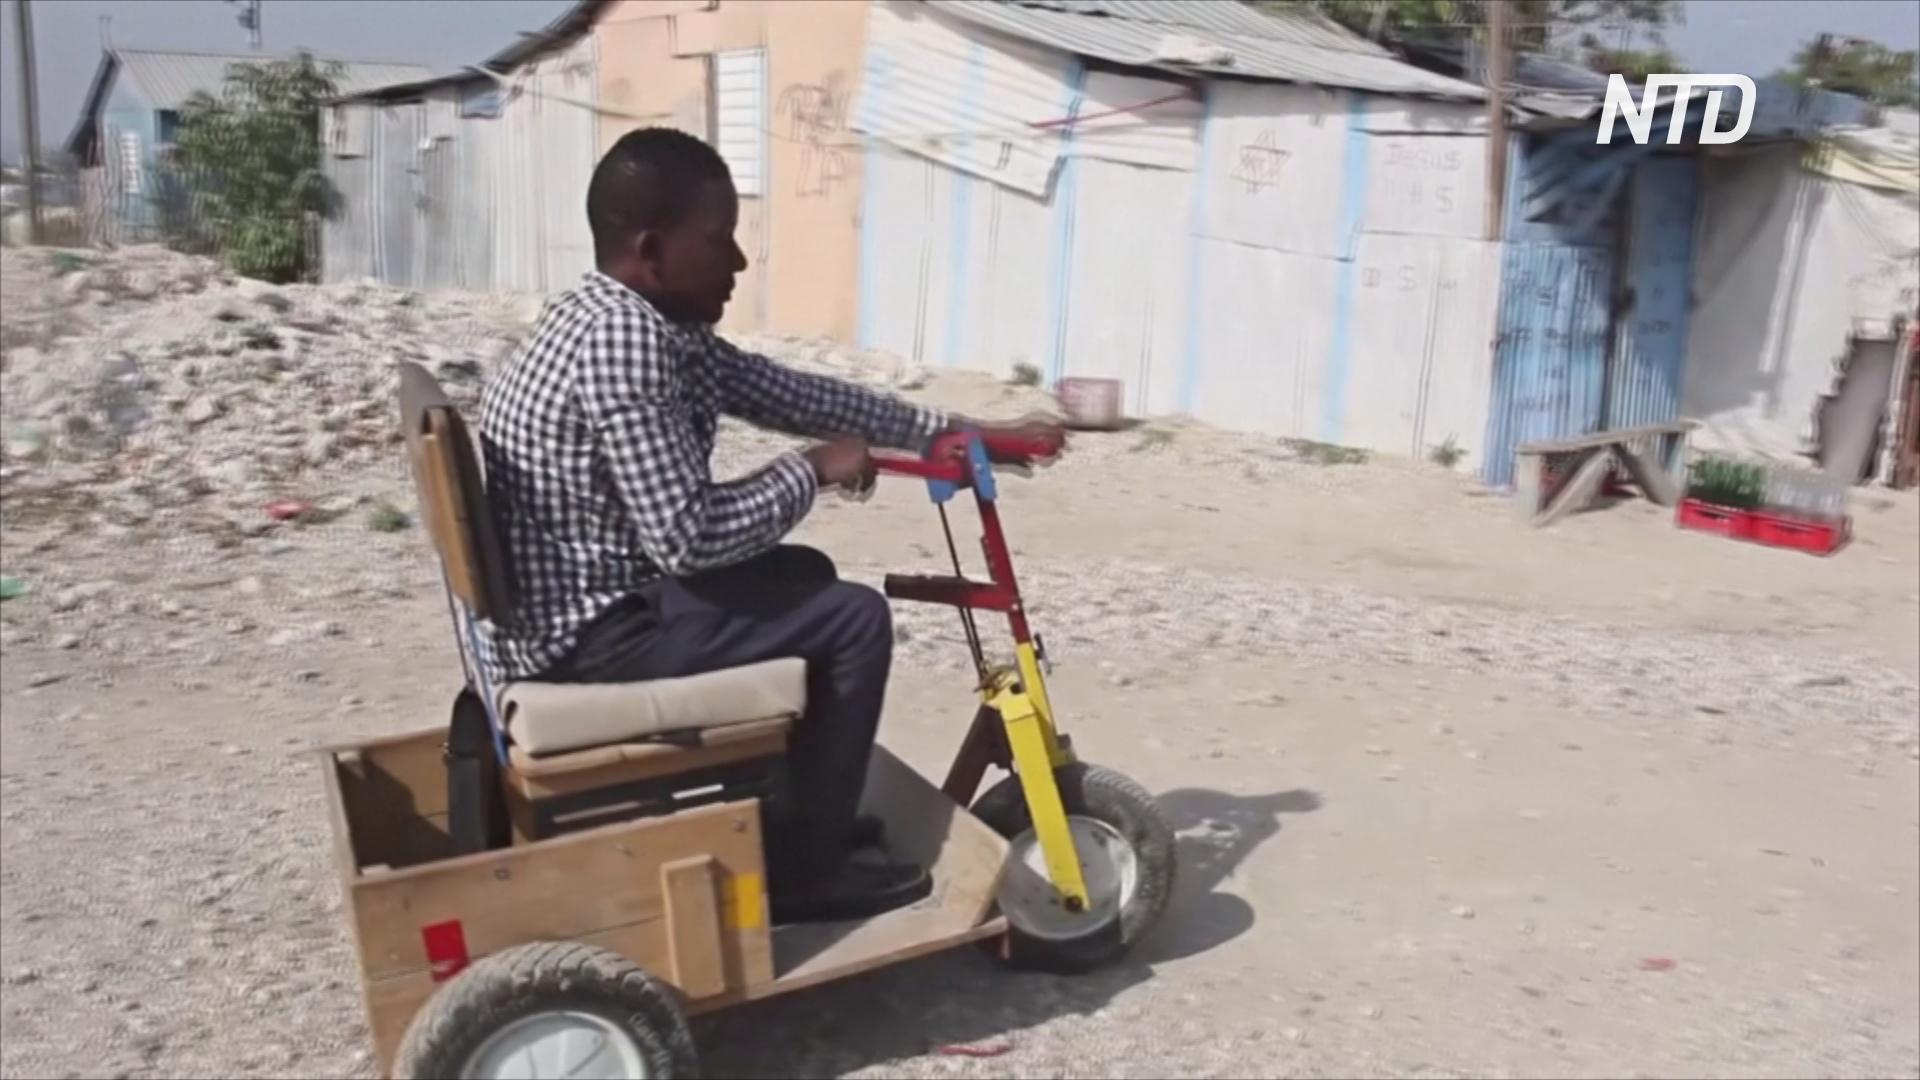 Гаитяне, ставшие инвалидами после землетрясения, всё ещё бедствуют